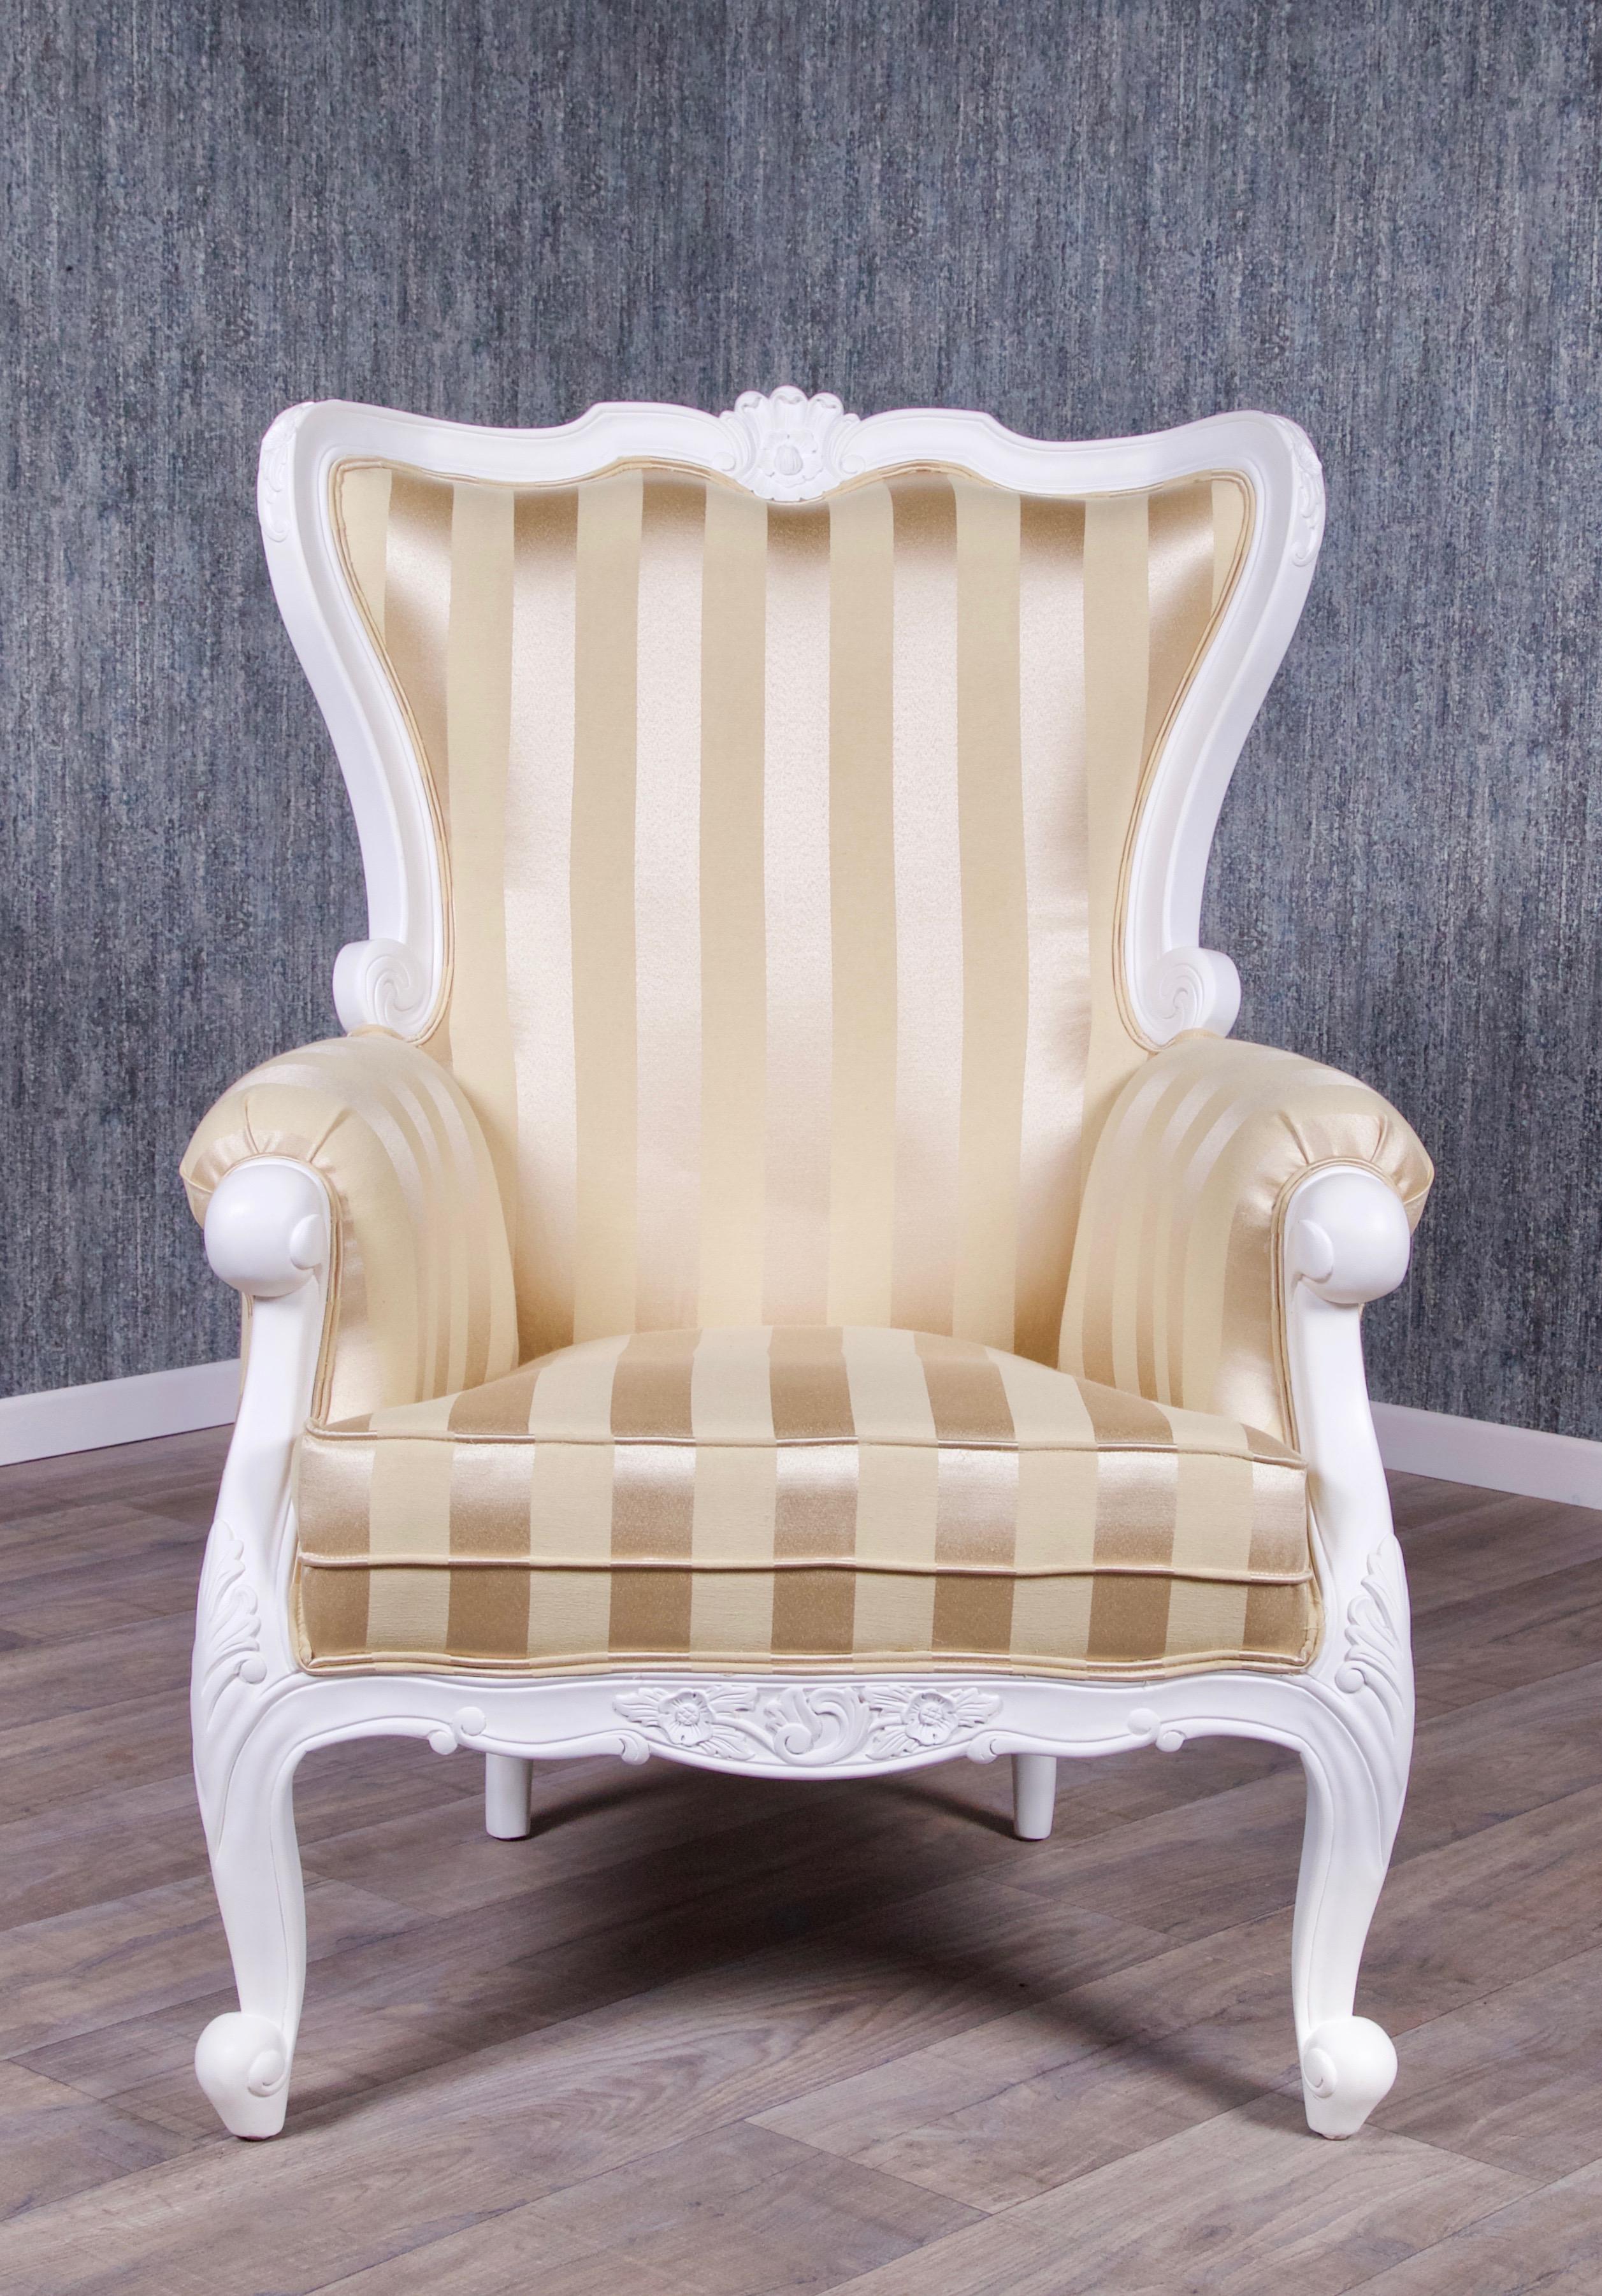 Barock Sessel Knospe in weiß Sessel